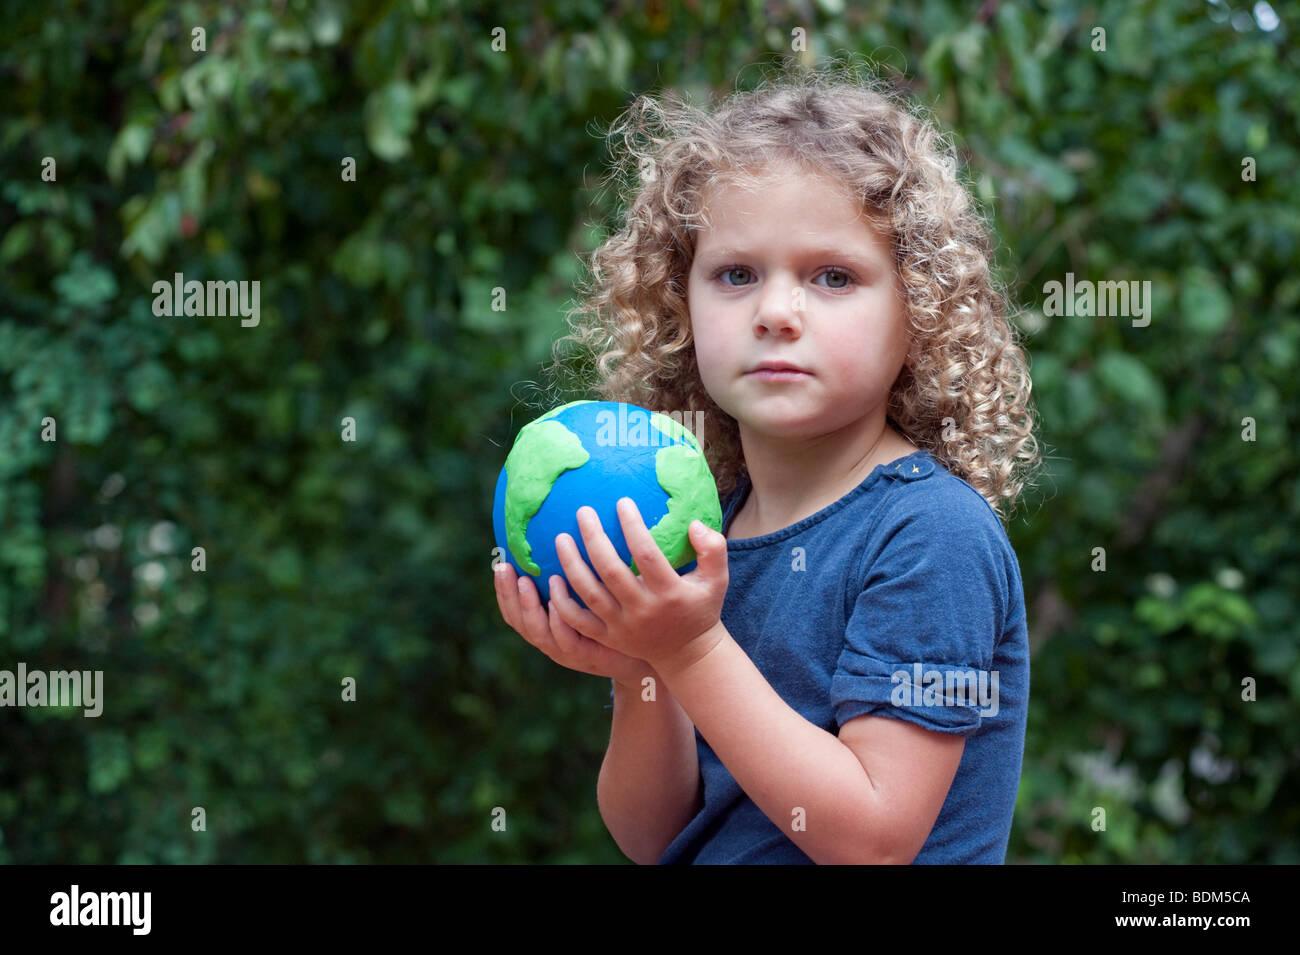 Jeune fille tenant un modèle de la planète Terre Photo Stock